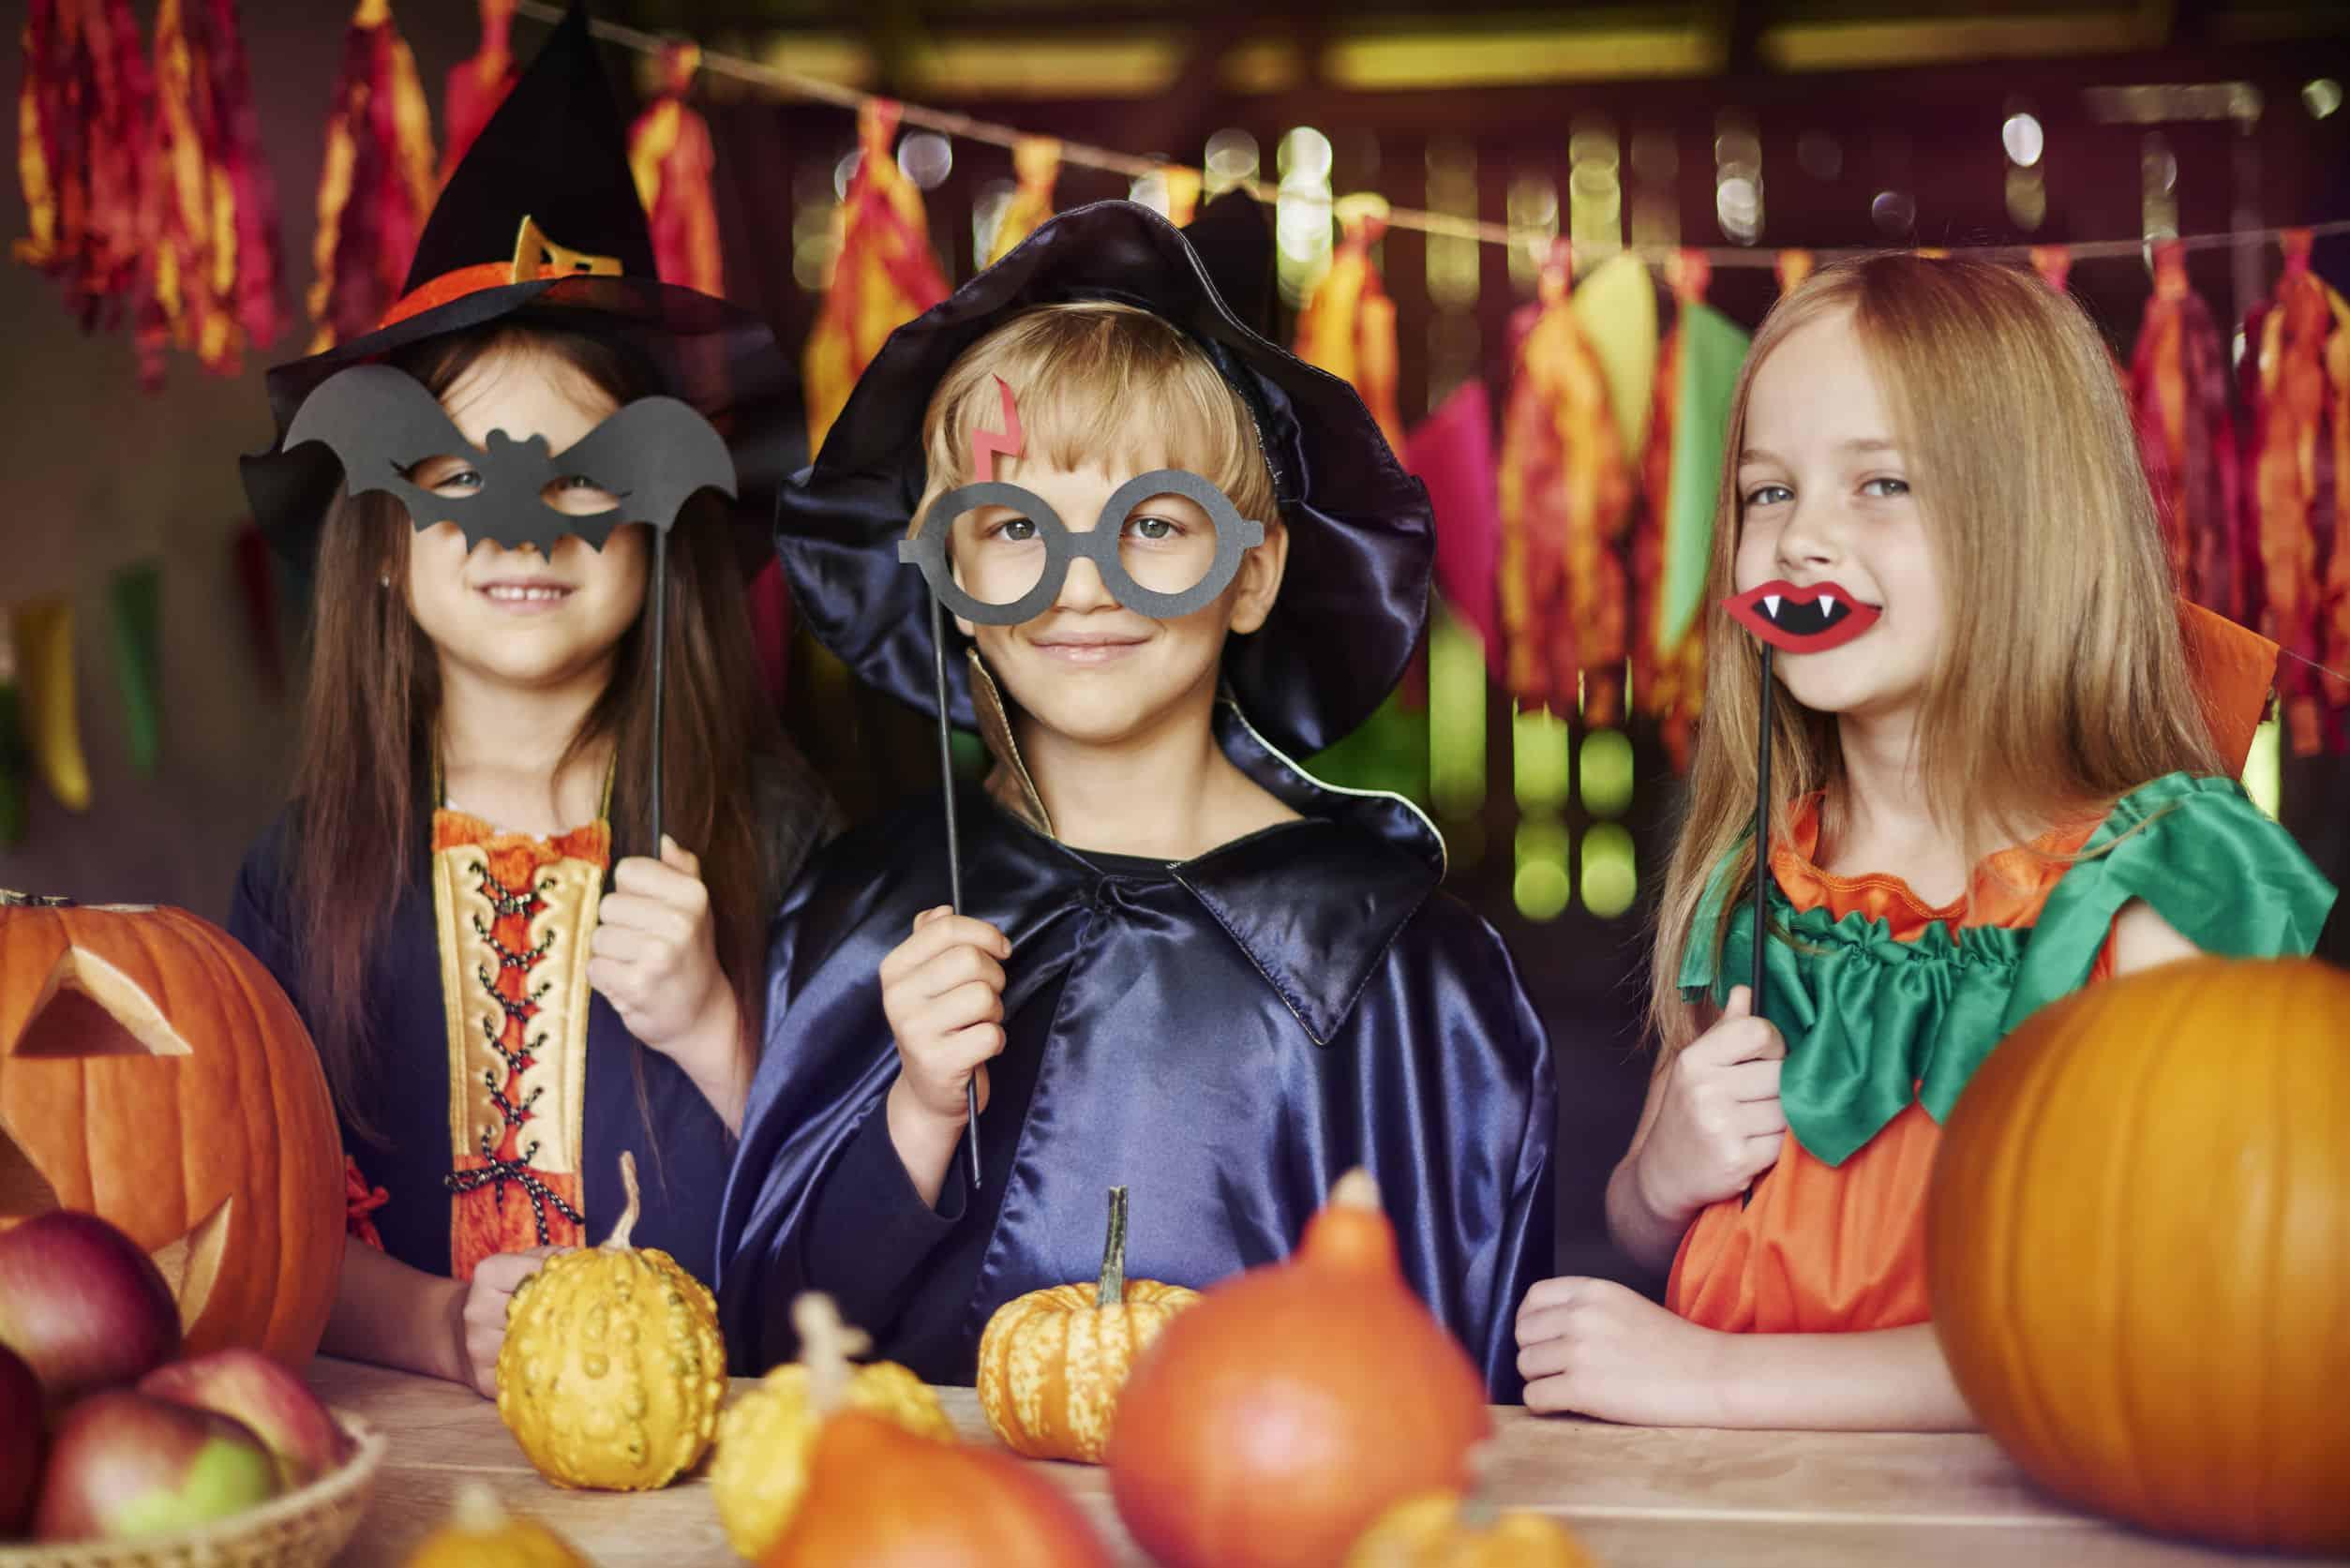 Miglior costume di carnevale per bambini 2020: Guida all'acquisto